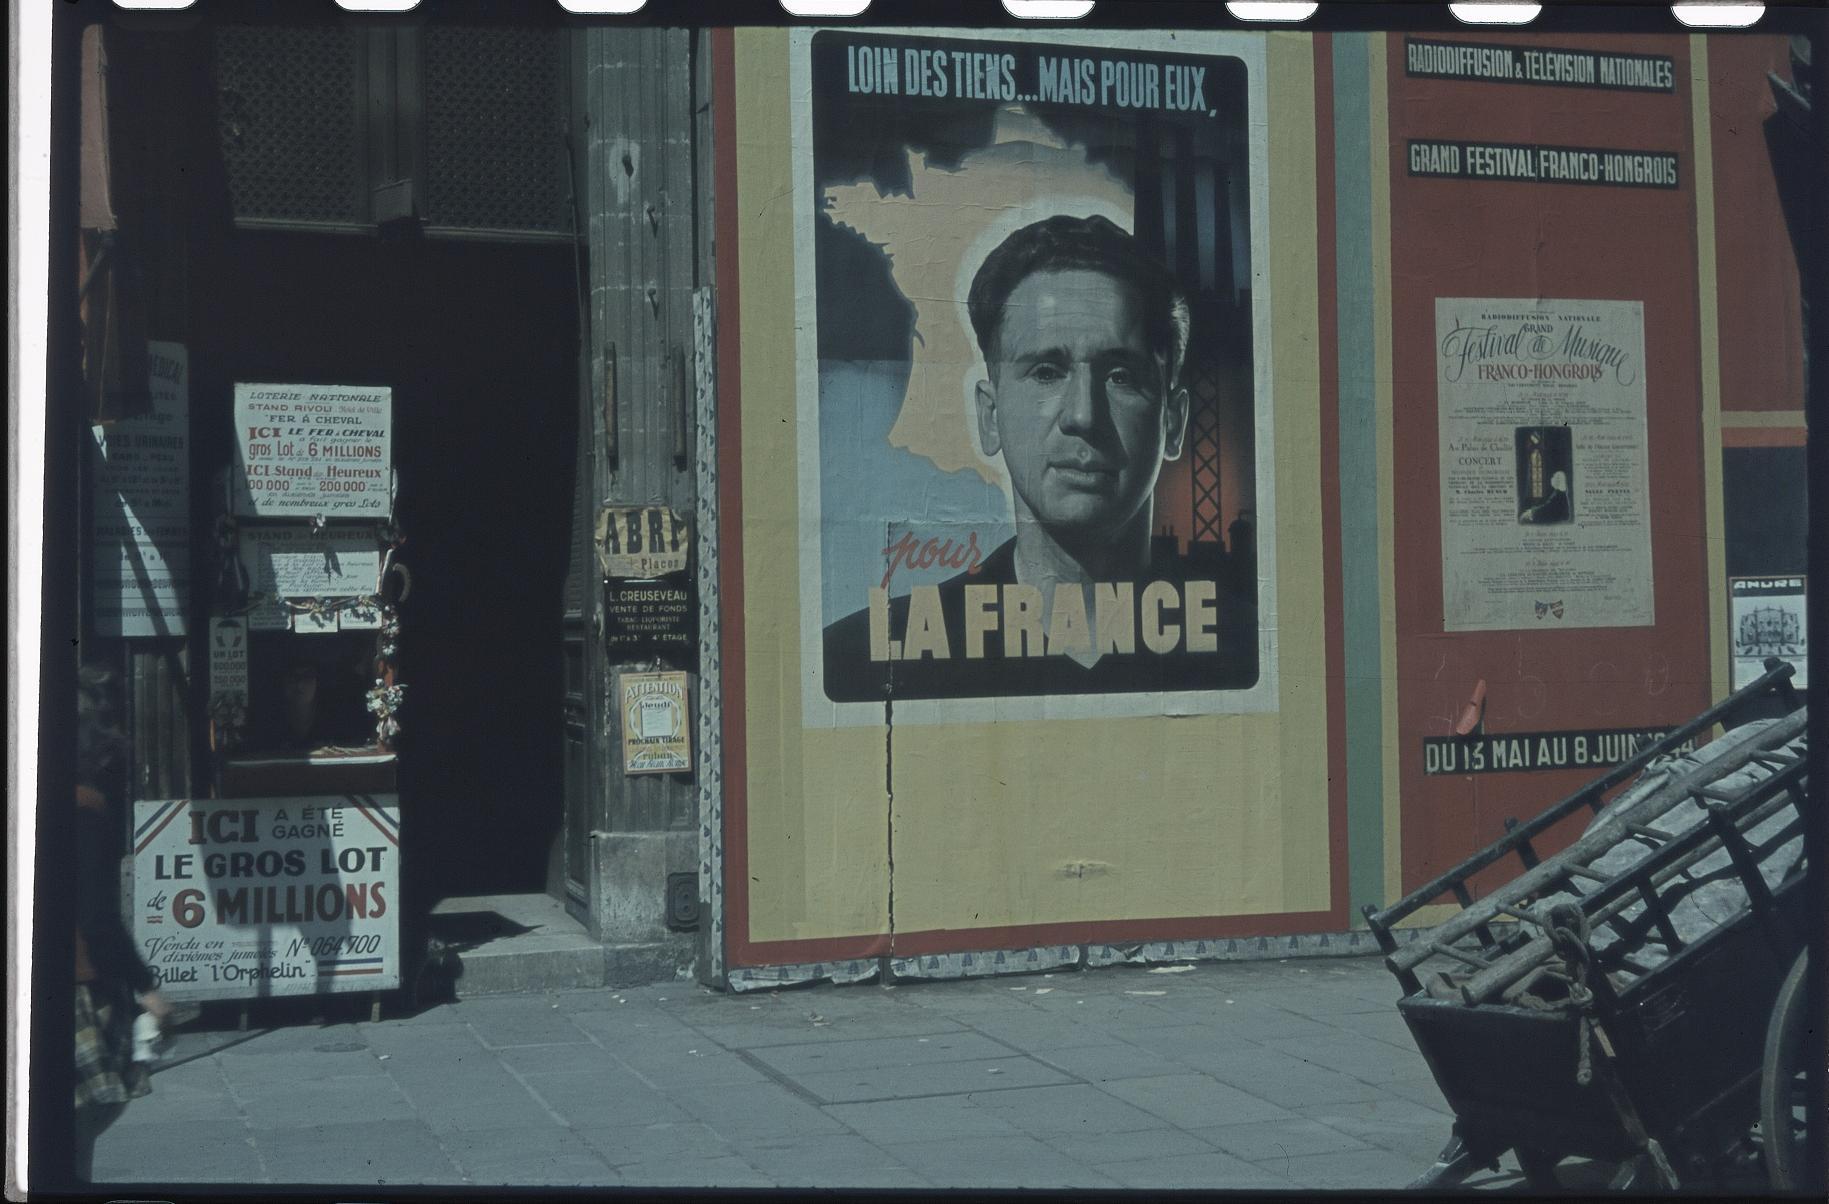 Реклама франко-венгерского музыкального фестиваля